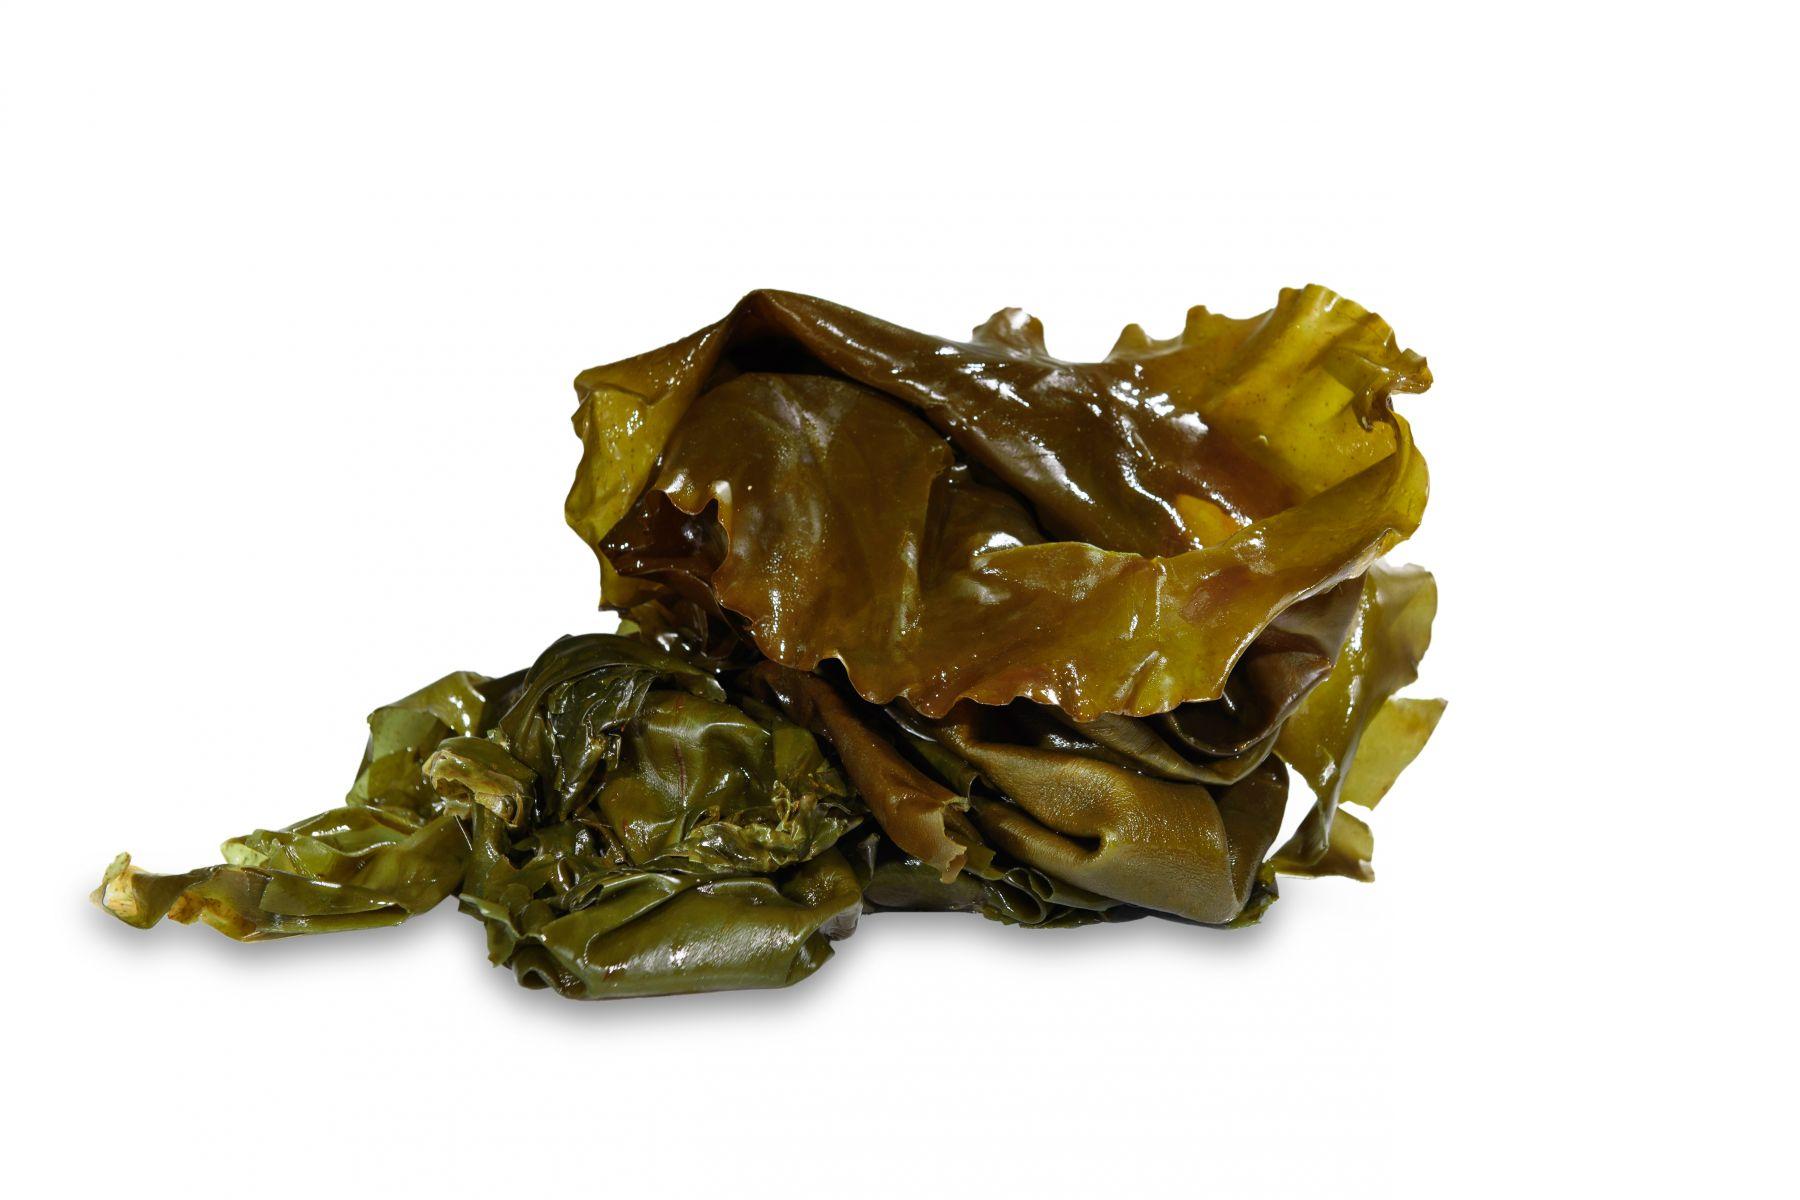 Ламинария листовая для обертывания Lamaris -1 кг